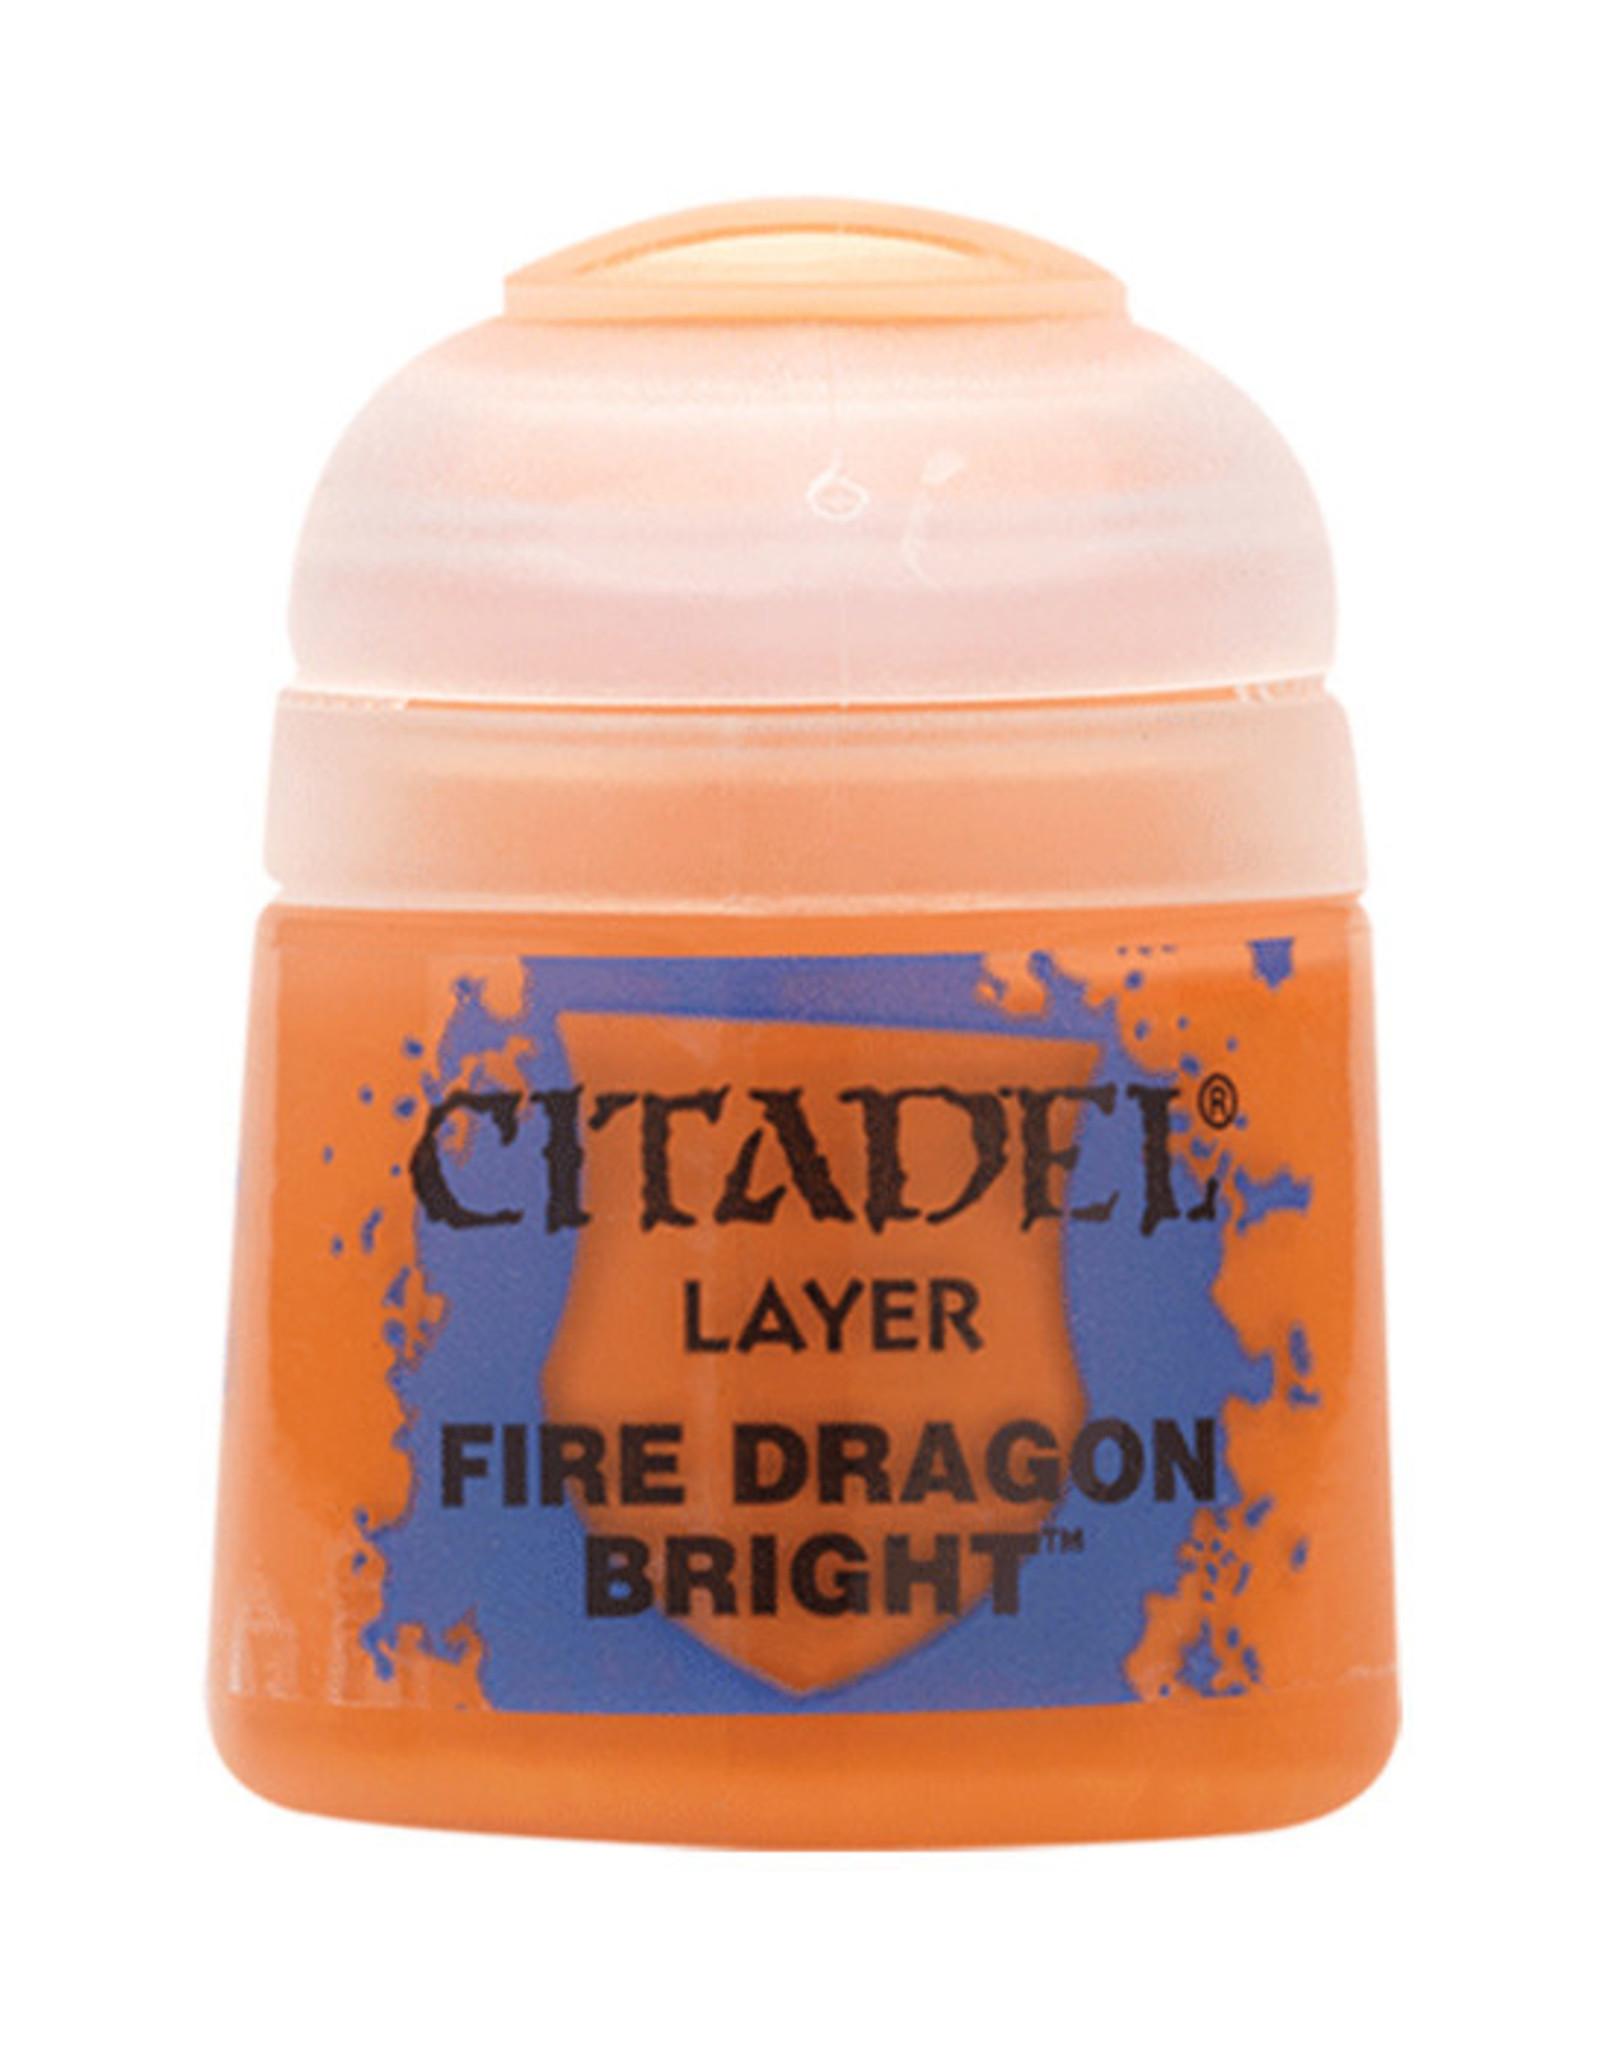 Citadel Citadel Colour: Layer - Fire Dragon Bright